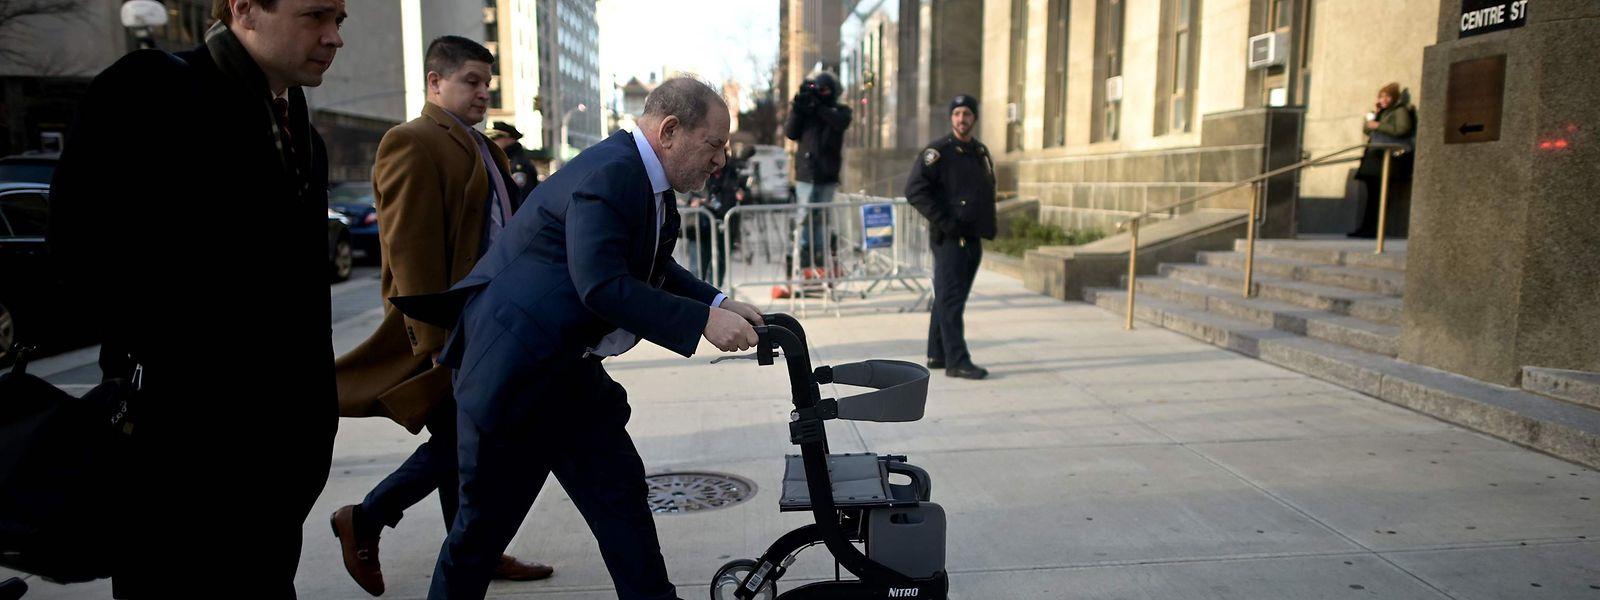 Harvey Weinstein kommt am Freitagmorgen bei dem New Yorker Gerichtsgebäude an, in dem sein Prozess geführt wird.